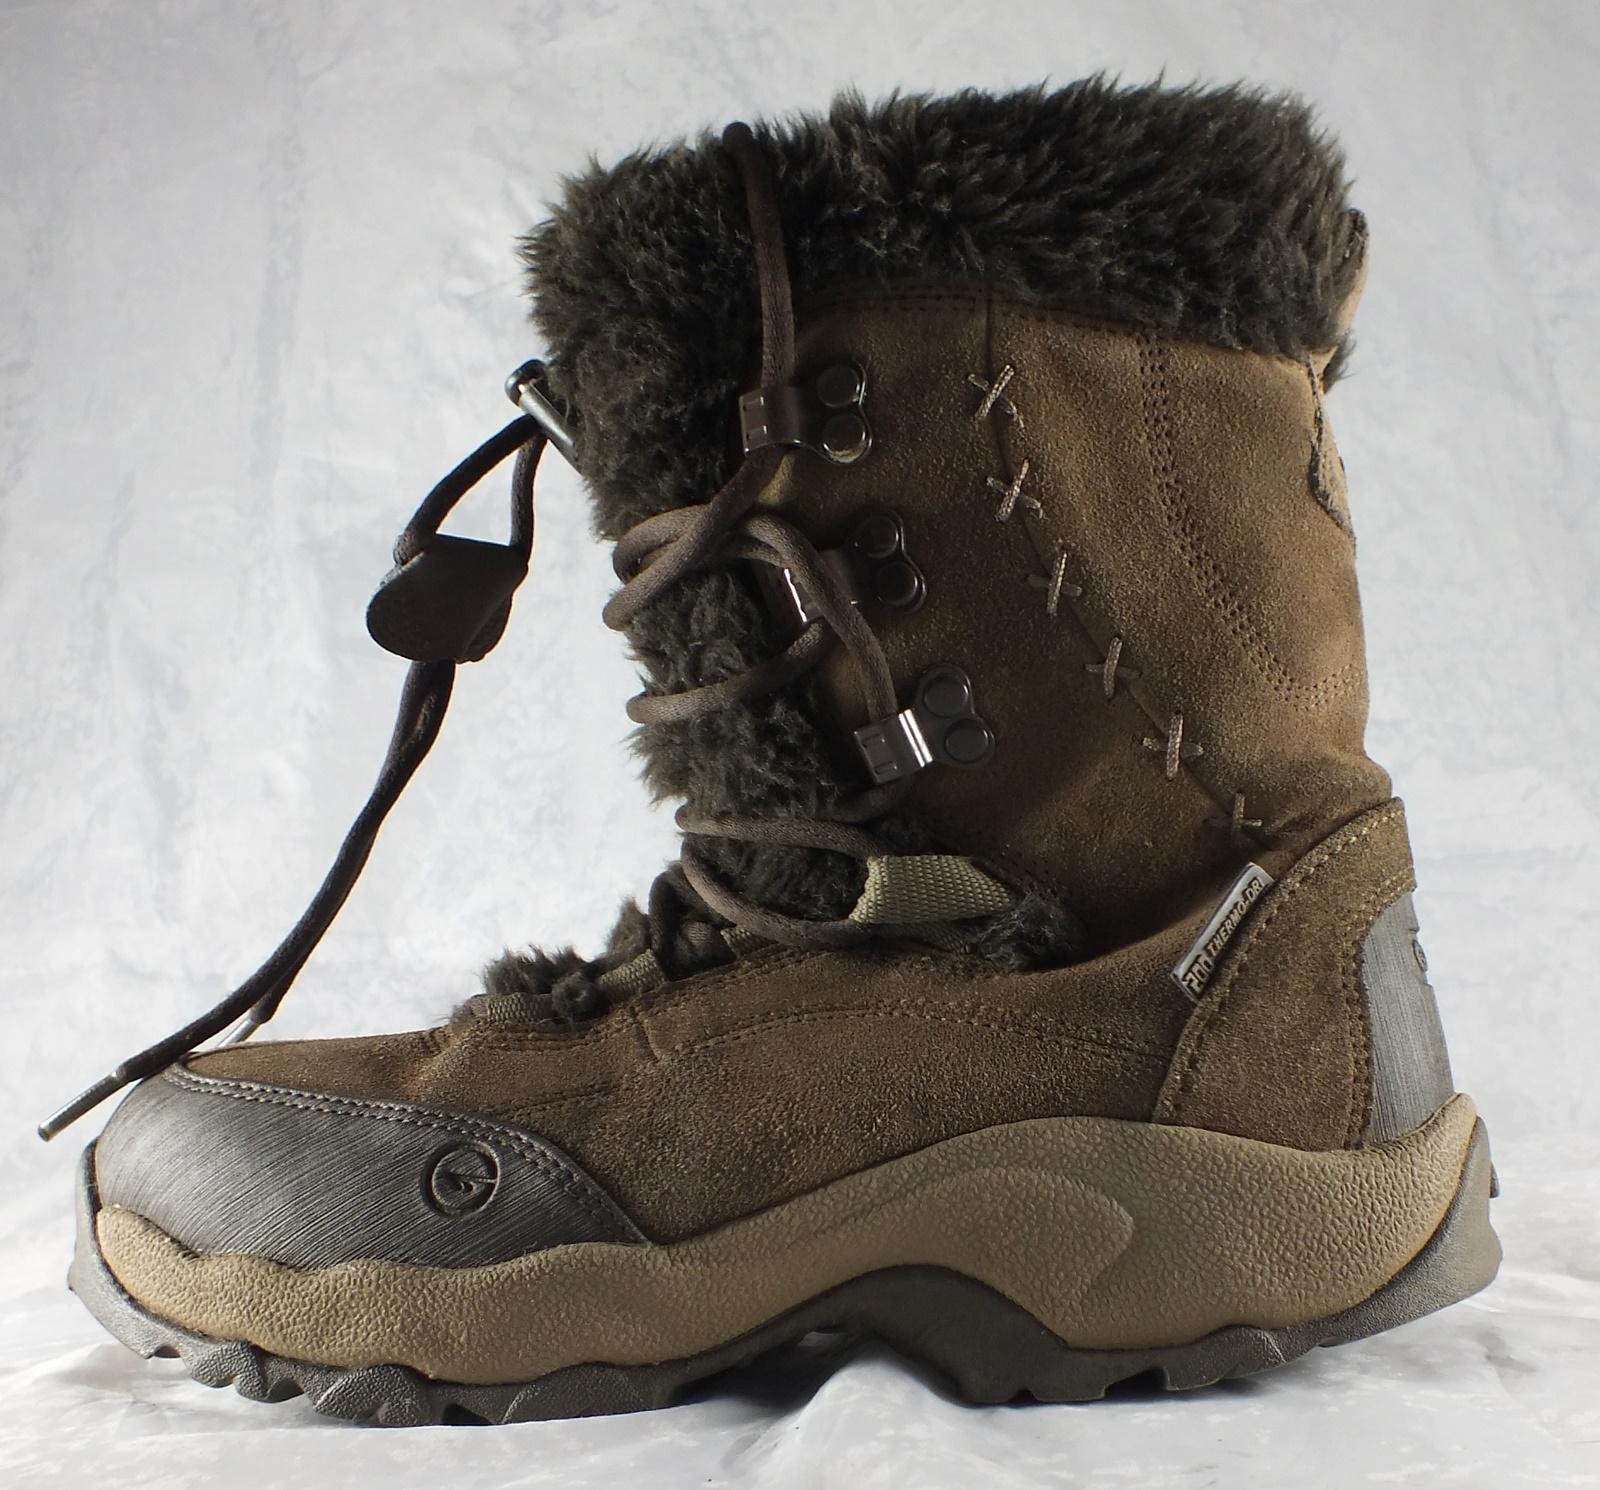 buty na tanie wiele stylów wyprzedaż ze zniżką Hi-Tec Śniegowce Damskie rozm. 39